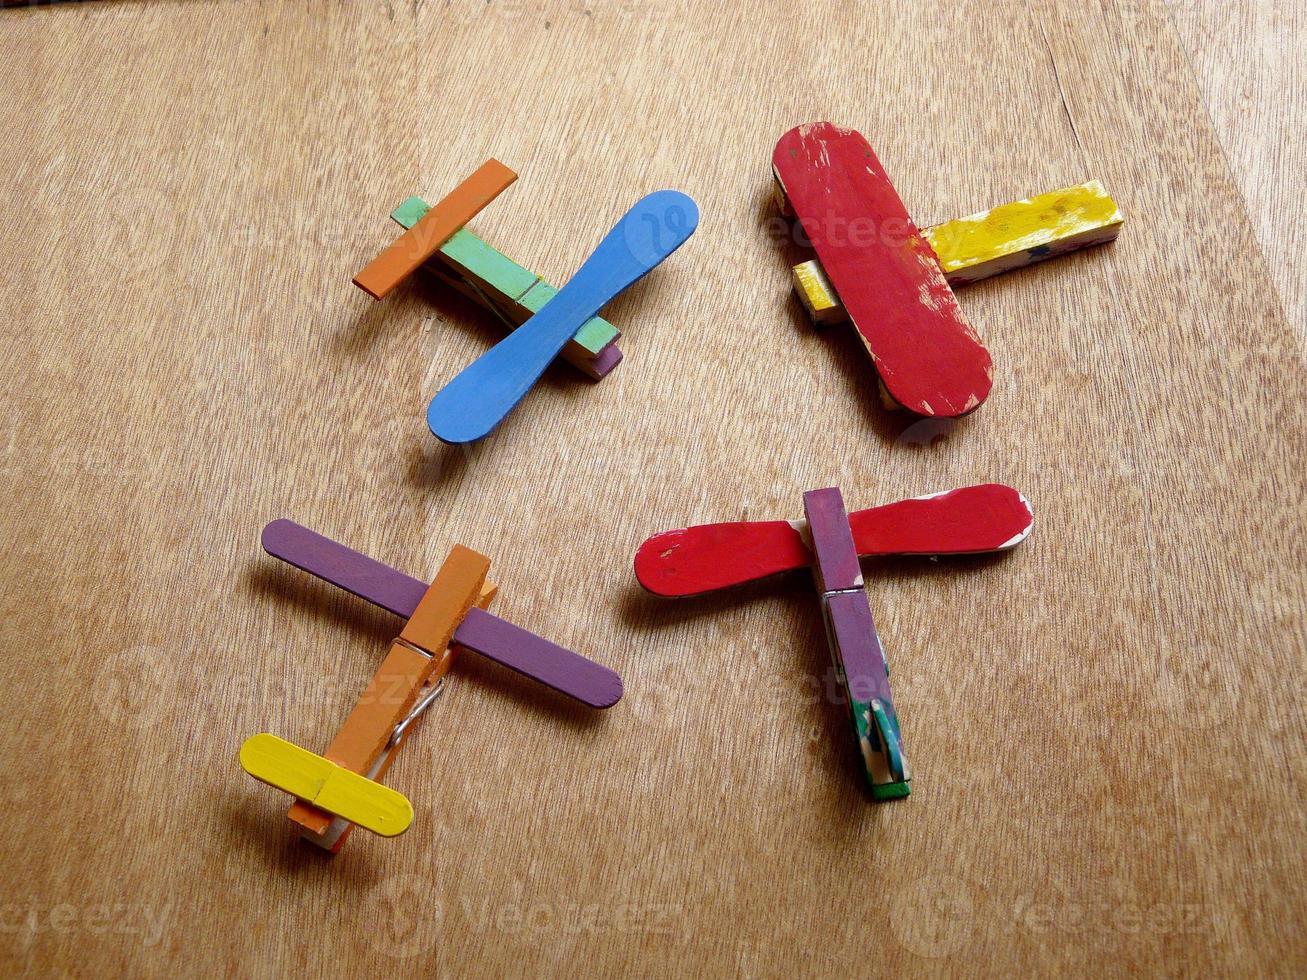 jouet d'avion de bricolage photo